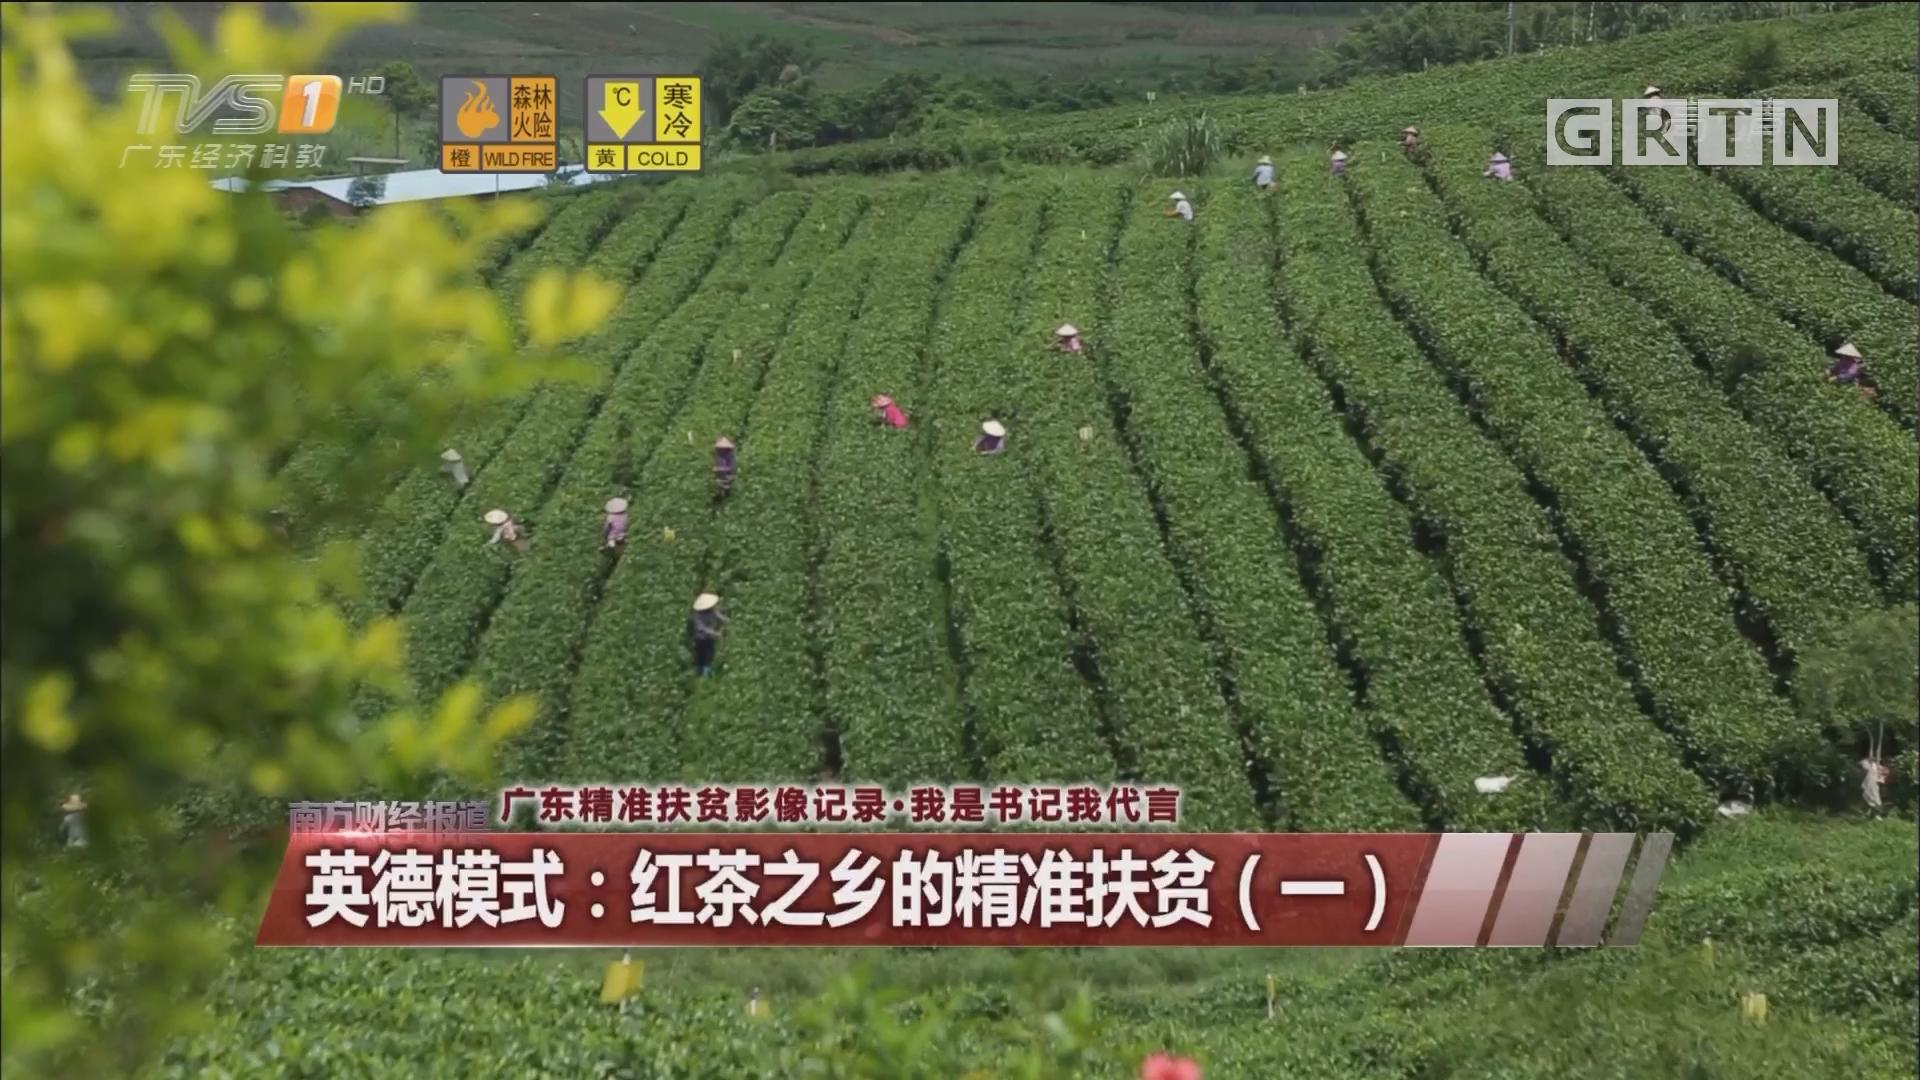 英德模式:红茶之乡的精准扶贫(一)